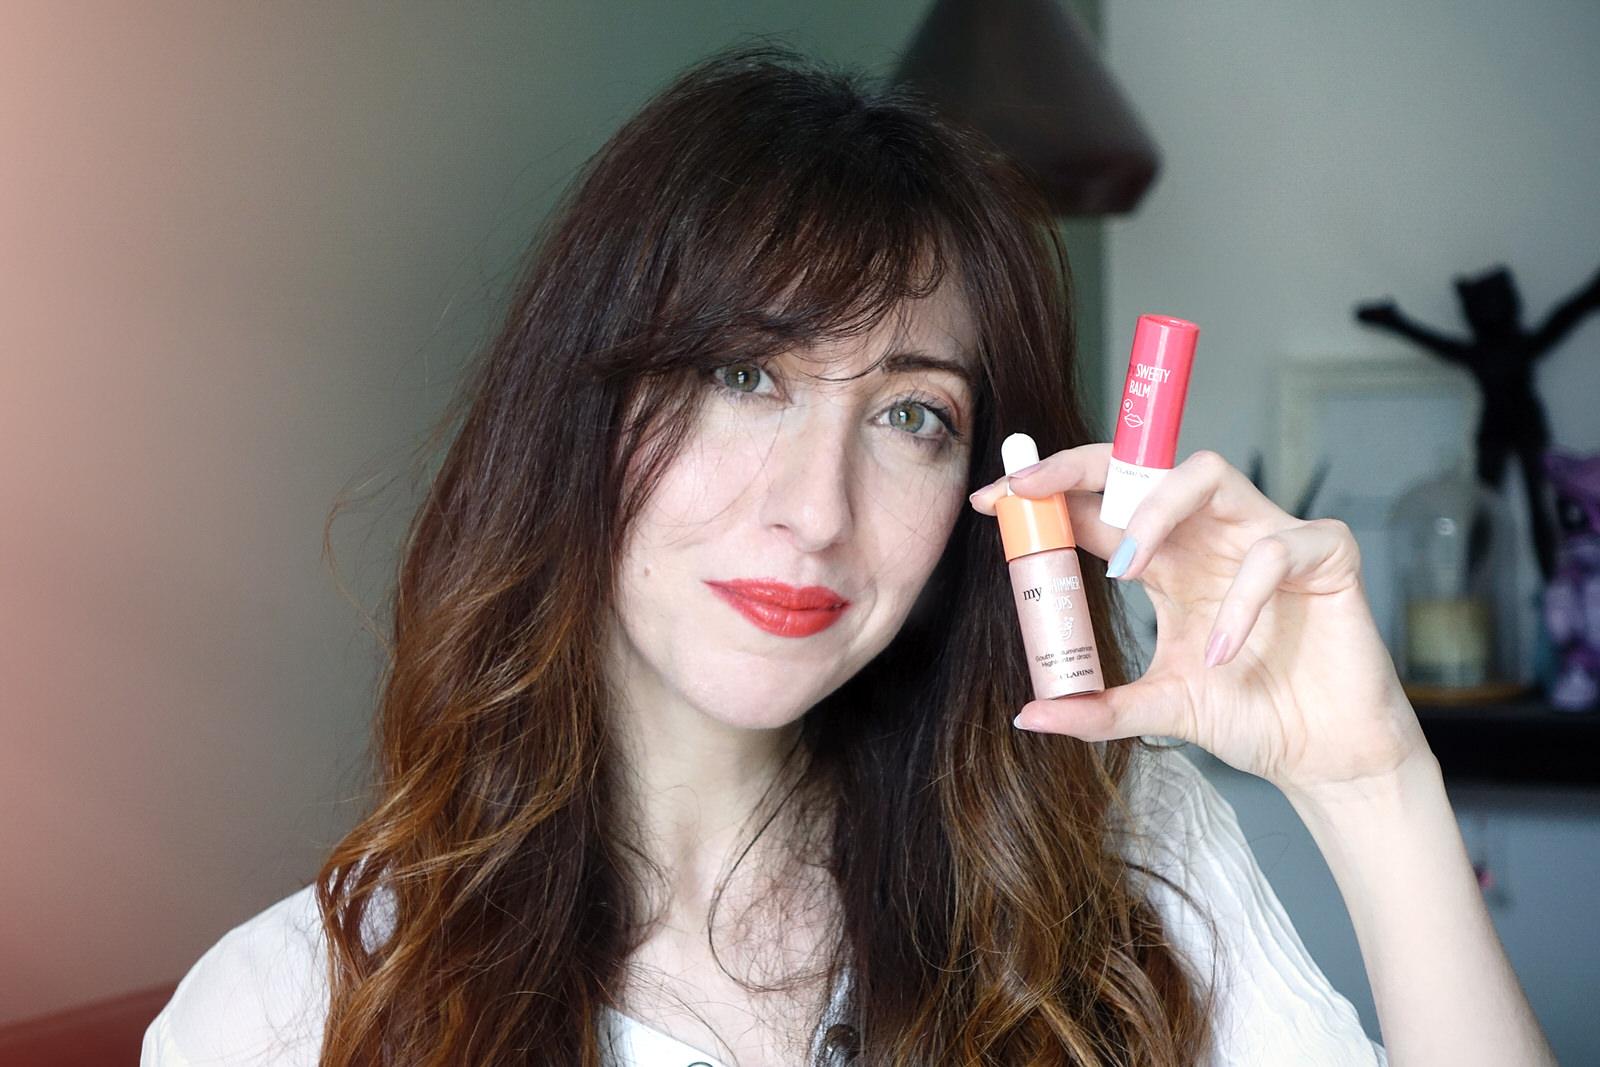 Nouveautés makeup 2021 de My Clarins